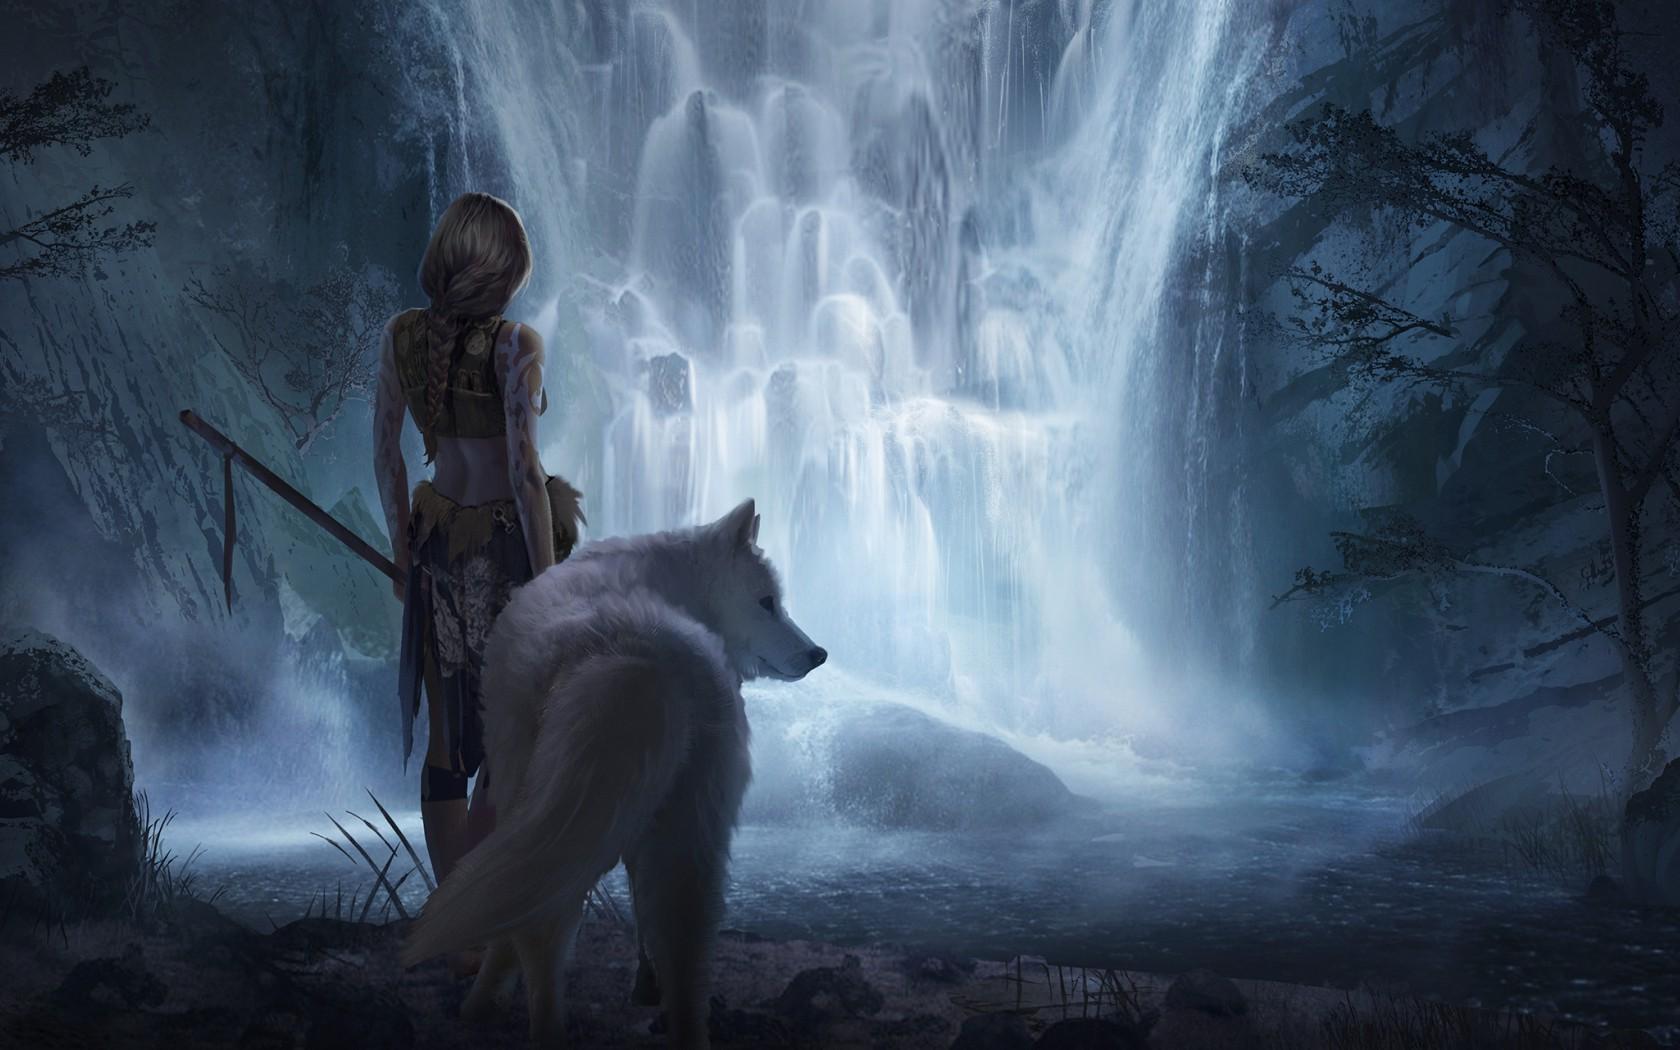 W Lfe Fantasy Wallpaper Desktop Hd U2022 Rh Greenmamahk Store Magecloud Net HD Wolf Drawings Spirit